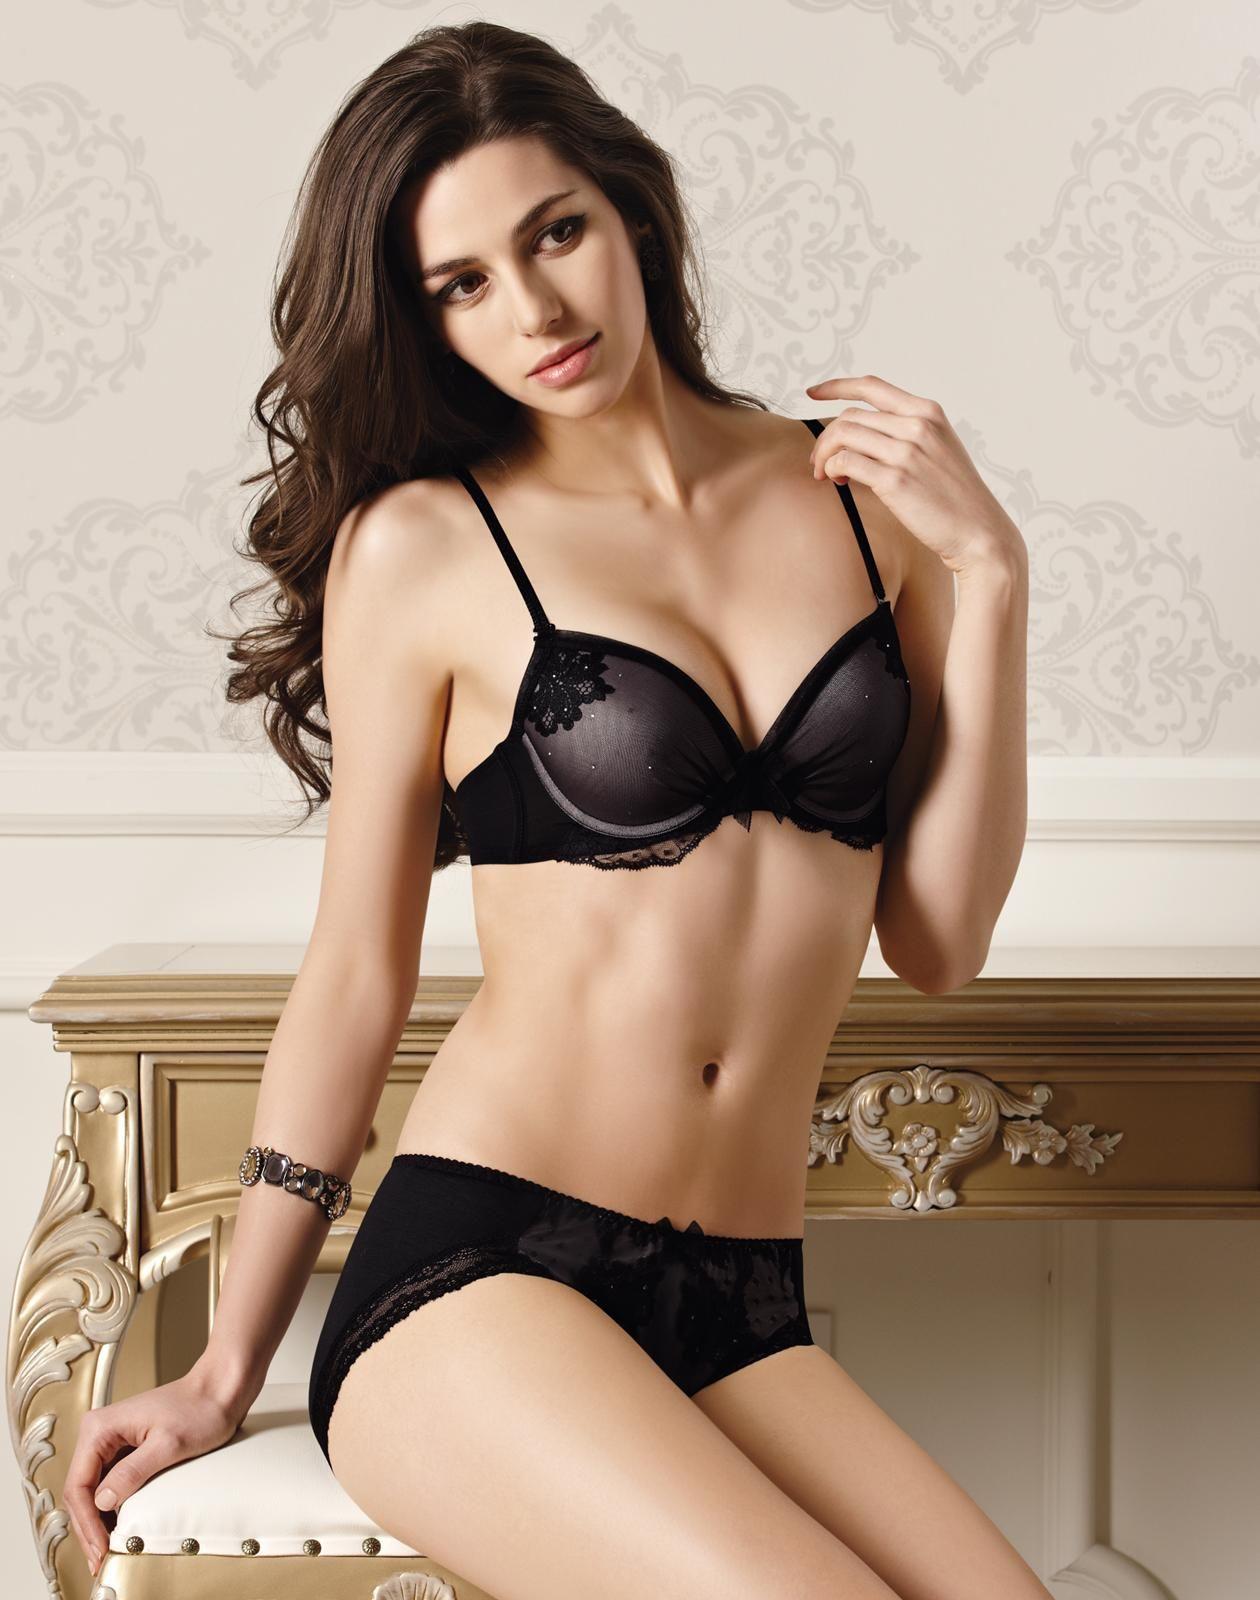 Very hot girls lingerie